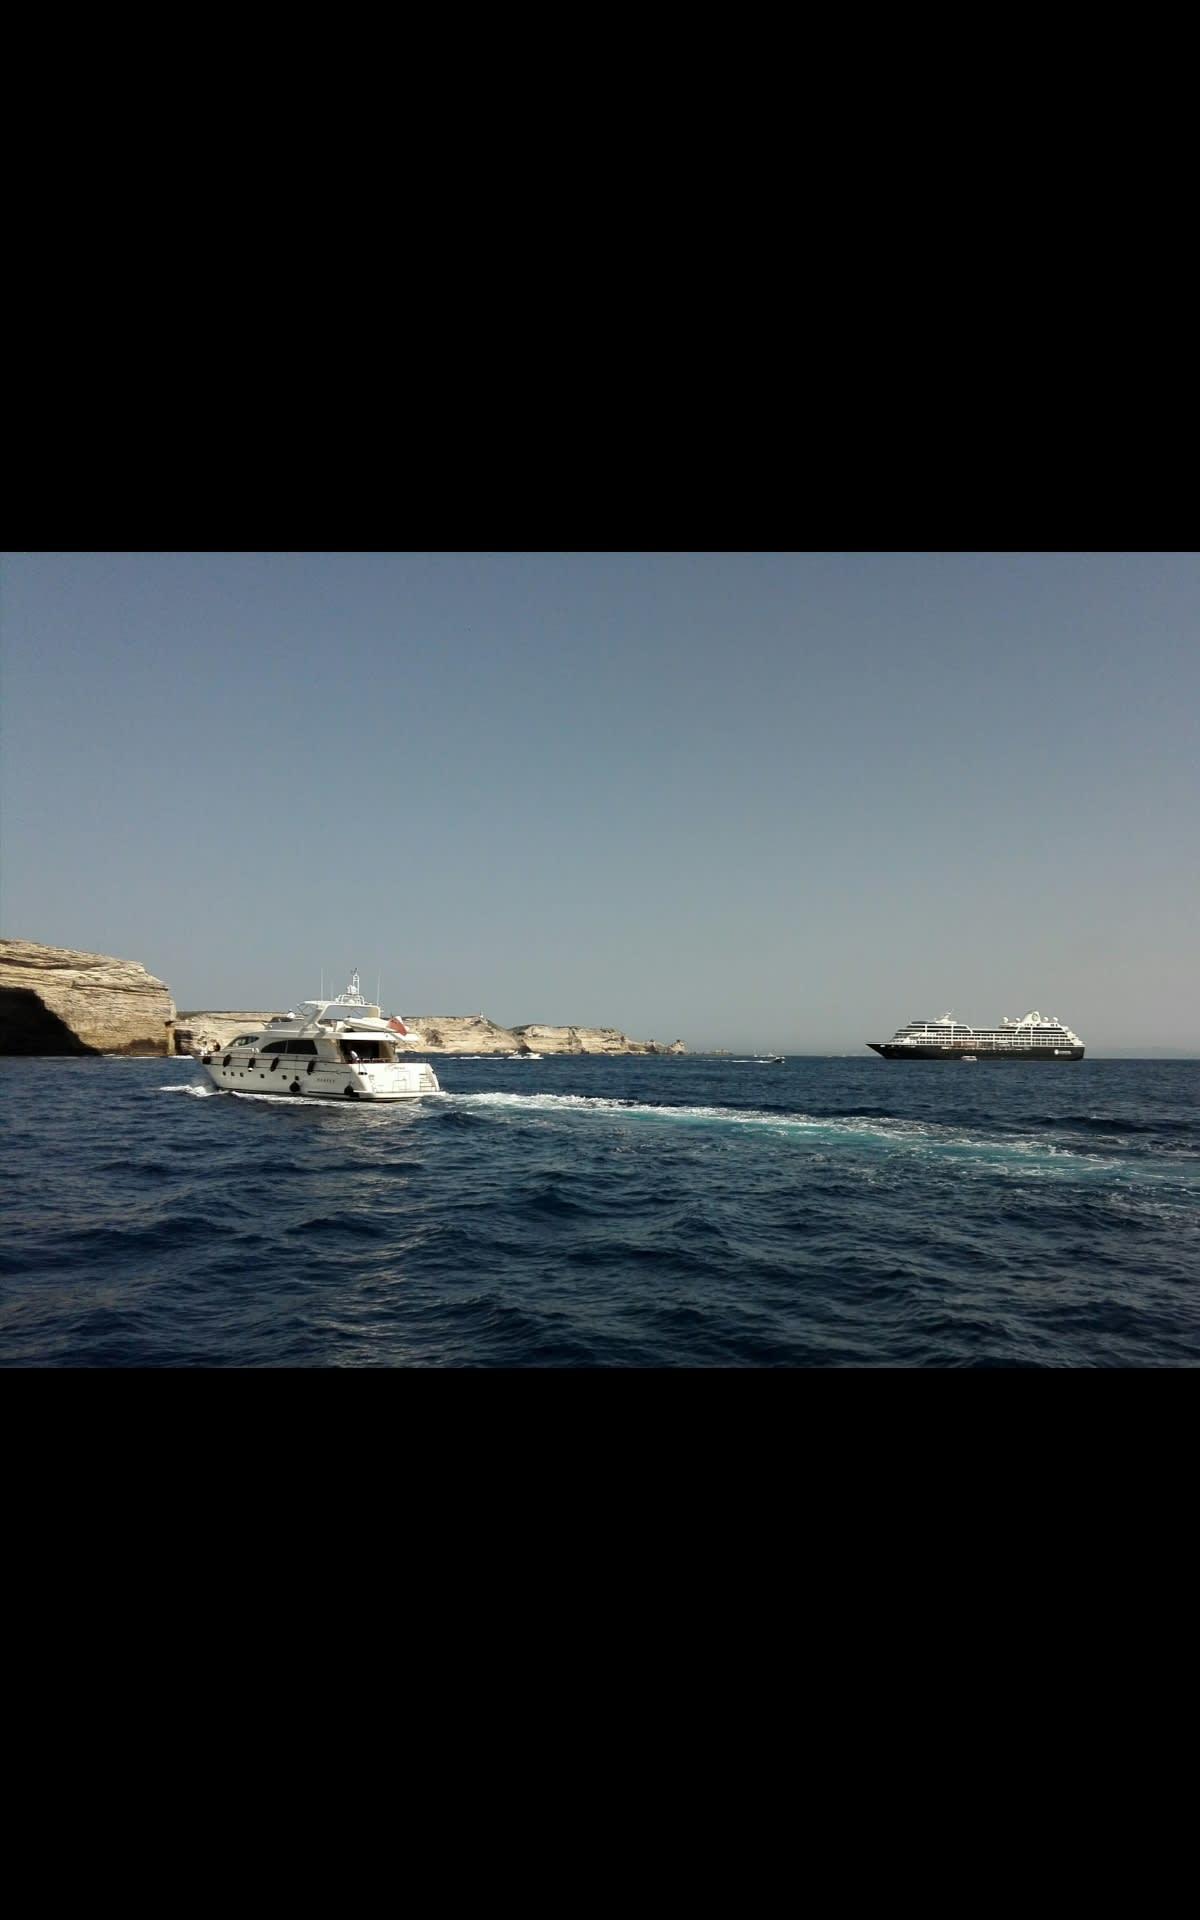 沖に見えるアザマラ クエスト号 | 客船アザマラ・クエストの外観